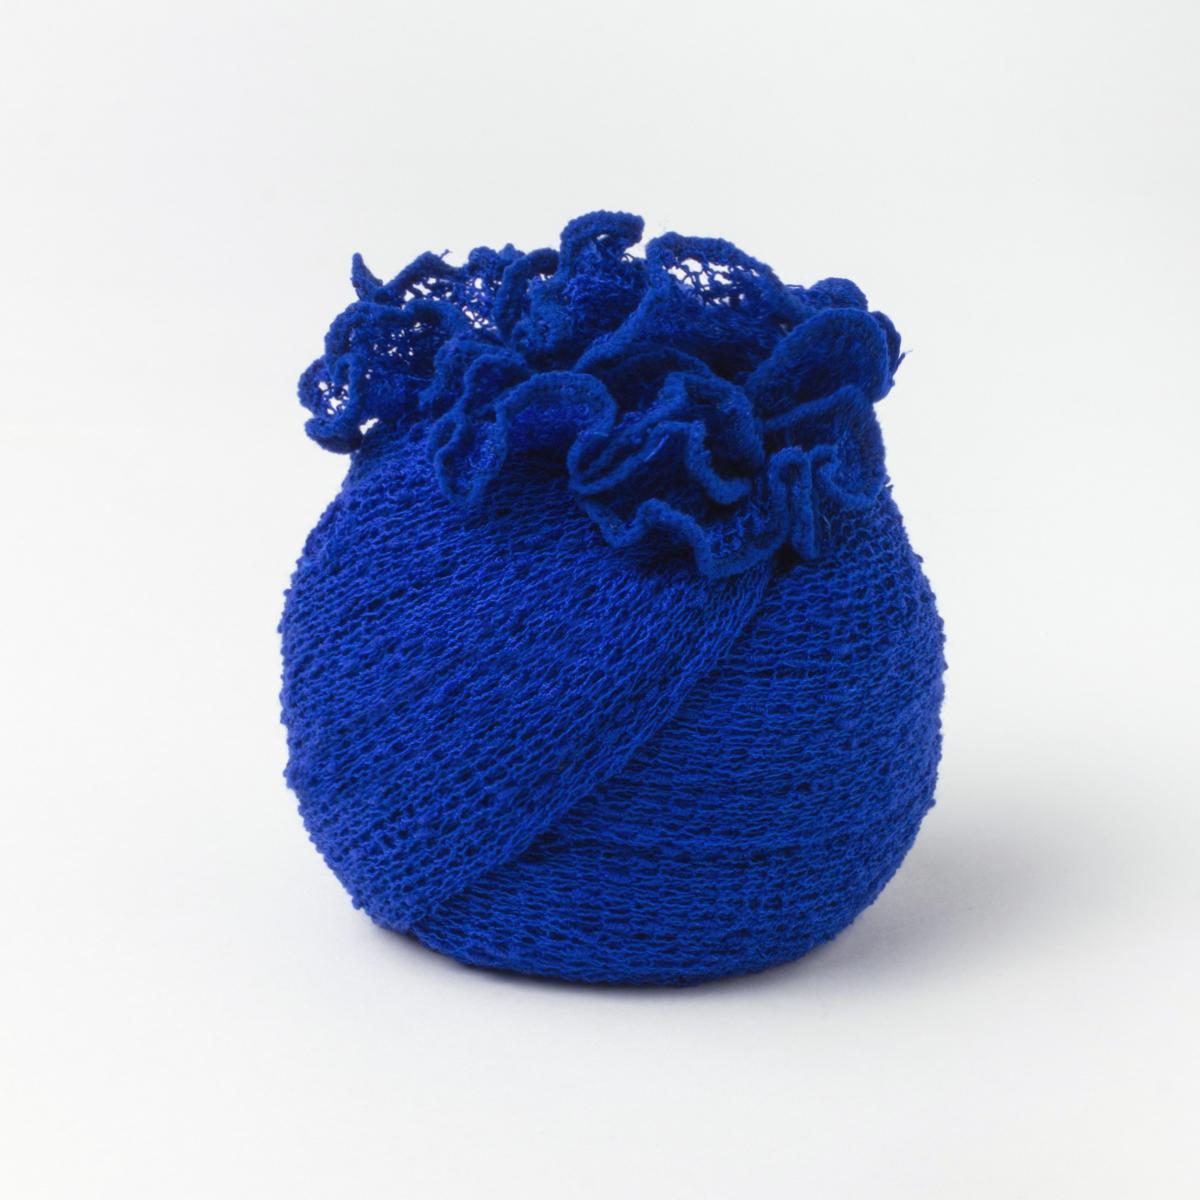 Ponchetto Blu Cobalto | Coprispalle vendita online